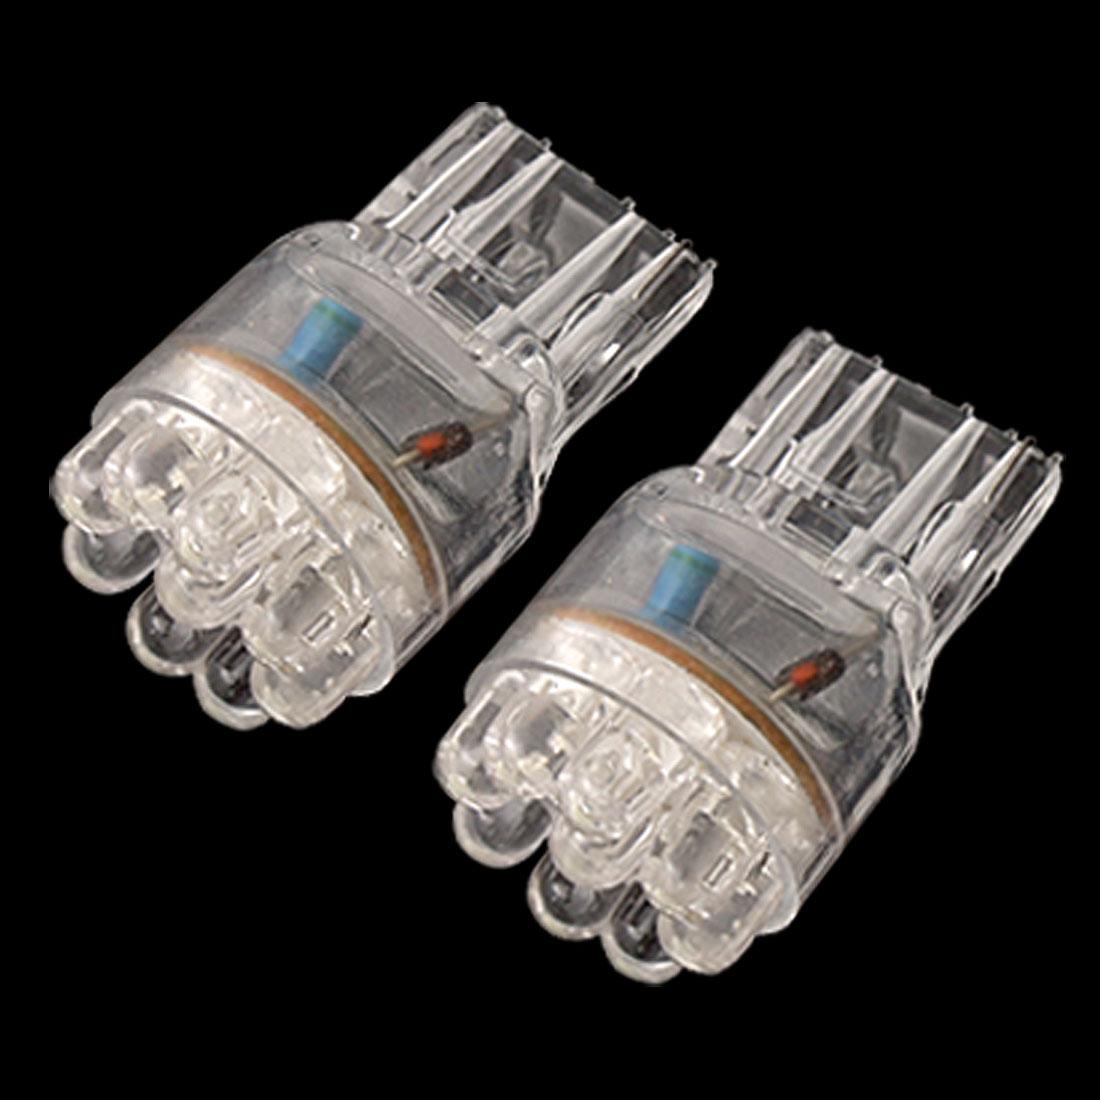 2 Pcs T20 Auto Turn Rear Bulb White 9 LED Backup Stop Light